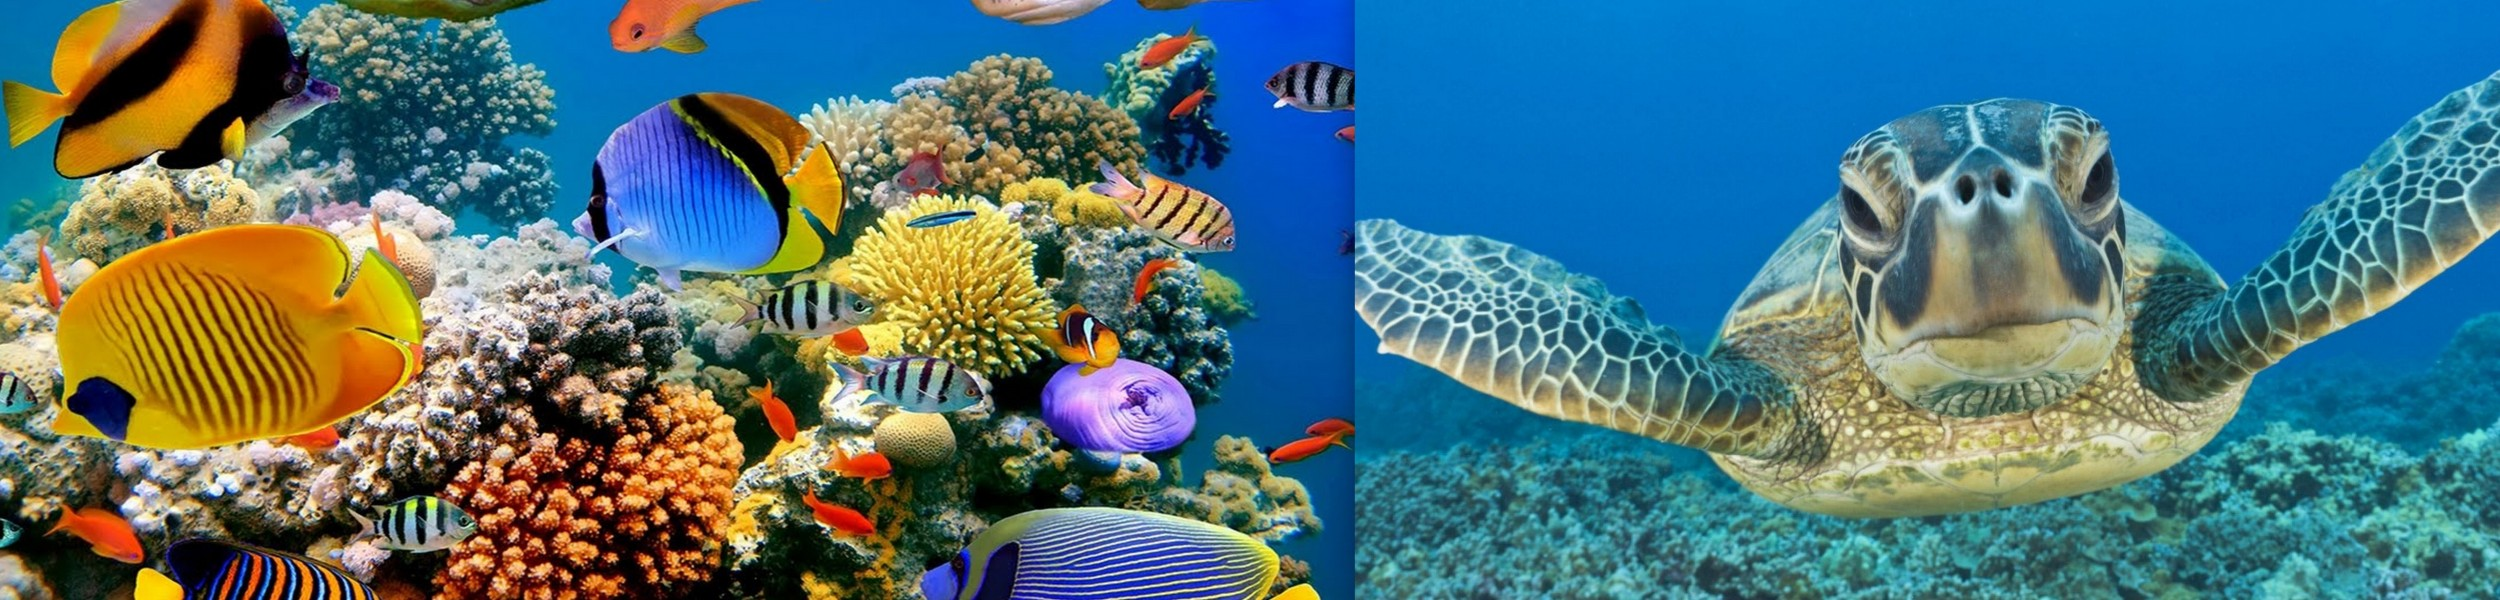 cesta do hlubin aneb pod vodou